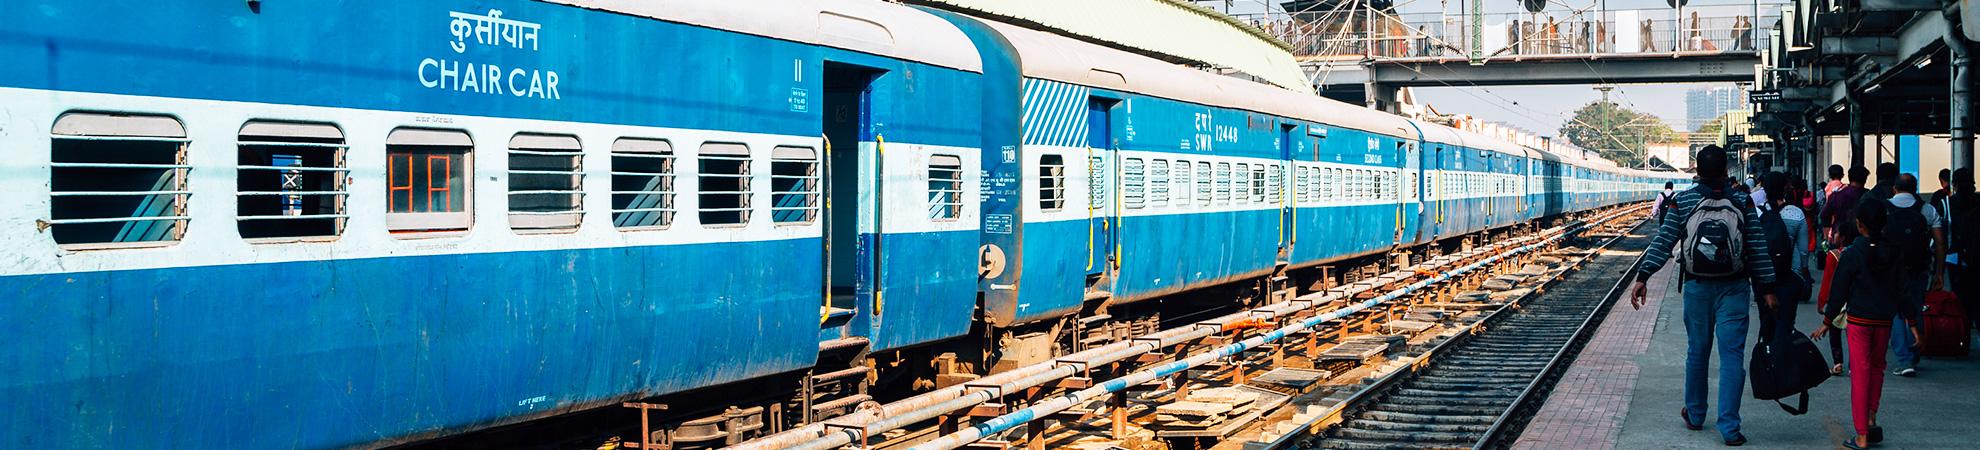 Les transports en commun en Inde